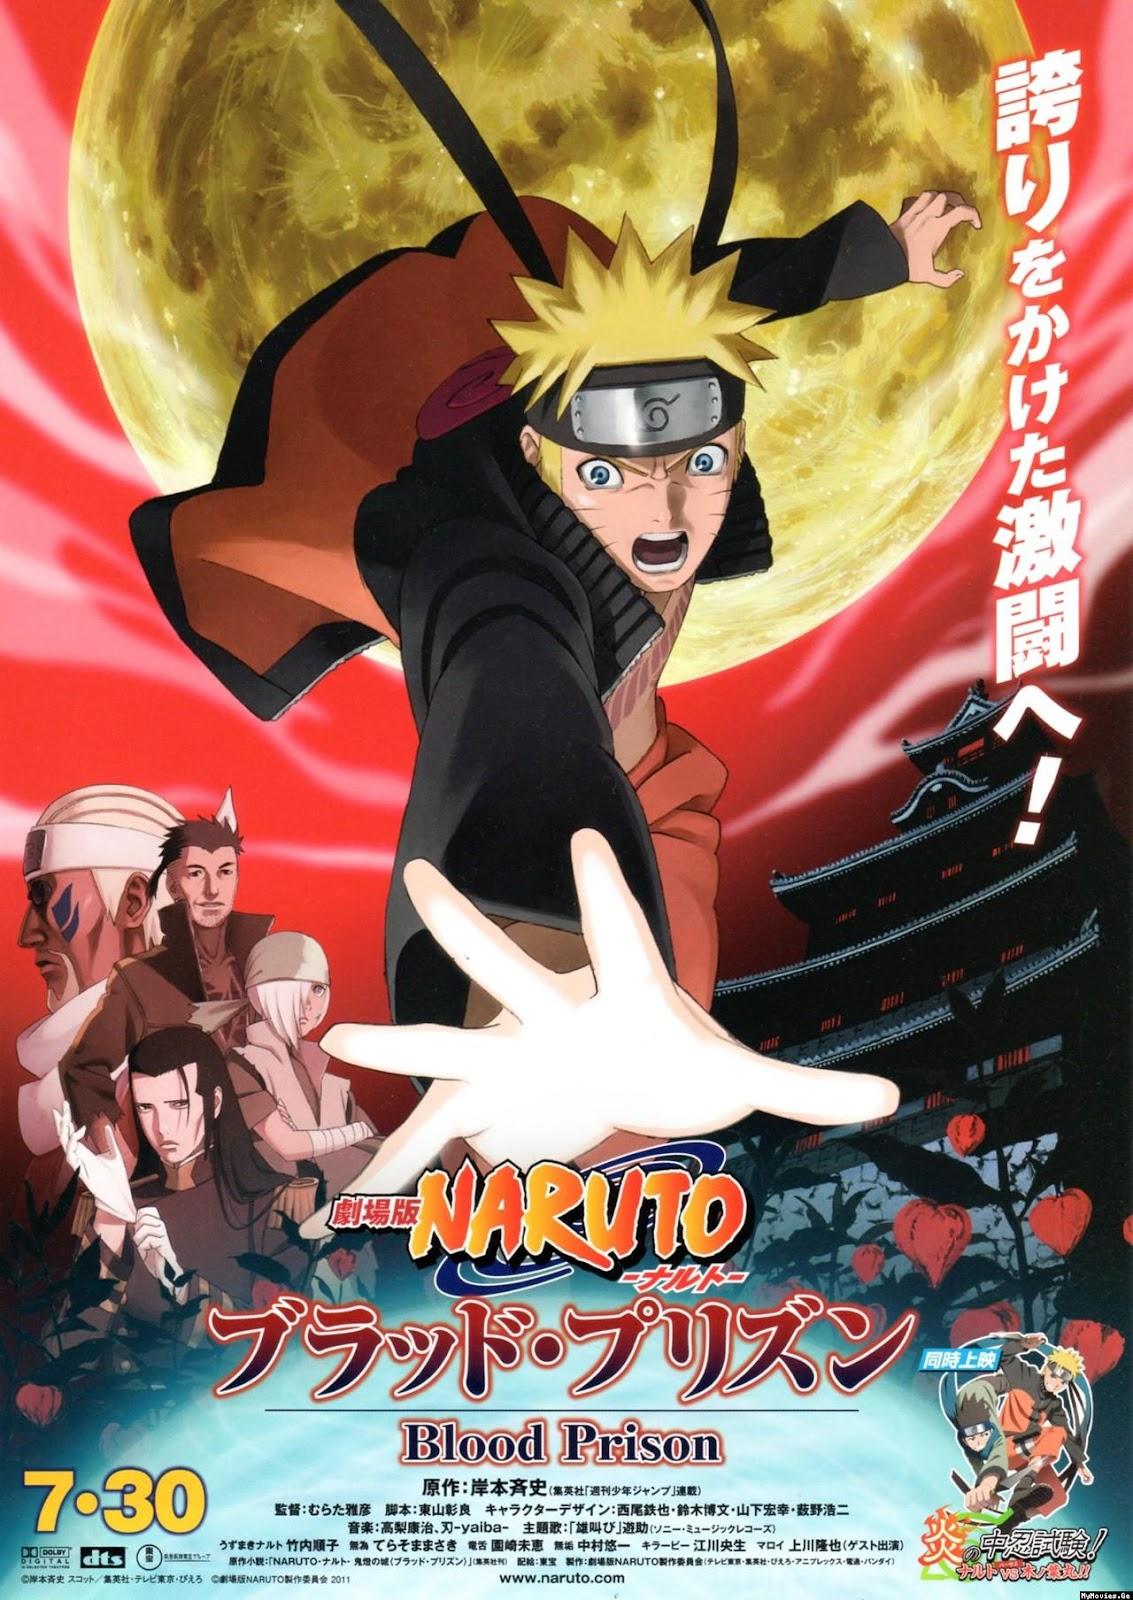 http://3.bp.blogspot.com/-LCZsq1UZHHU/T56RqckXr8I/AAAAAAAABXk/0397uopsaqc/s1600/Naruto+Shippuden+Blood+Prison.jpg